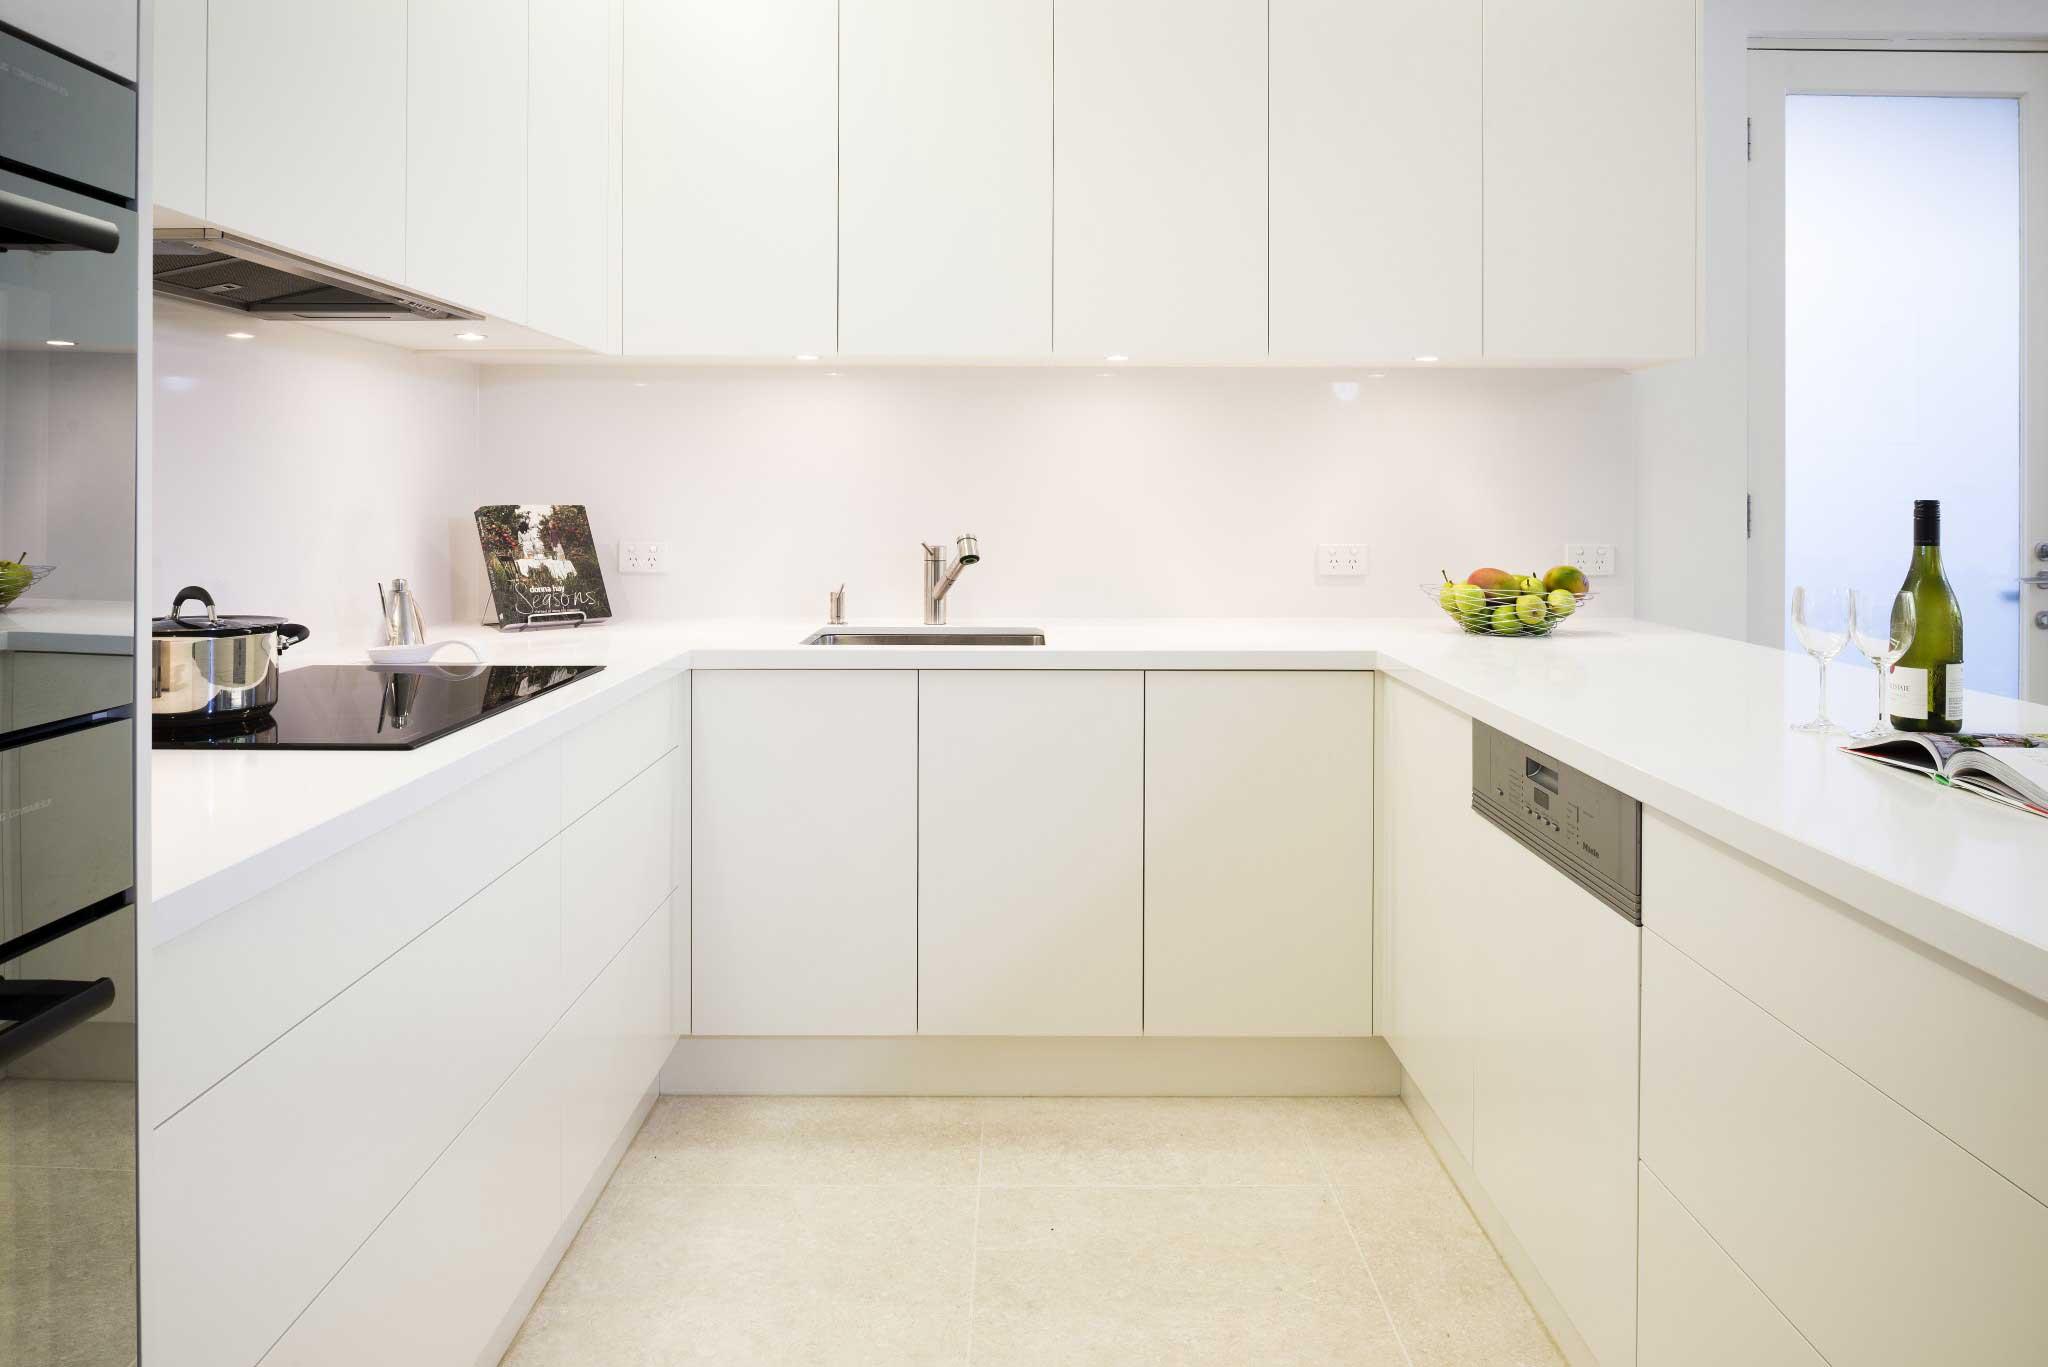 Кухонный гарнитур без ручек в скандинавском стиле